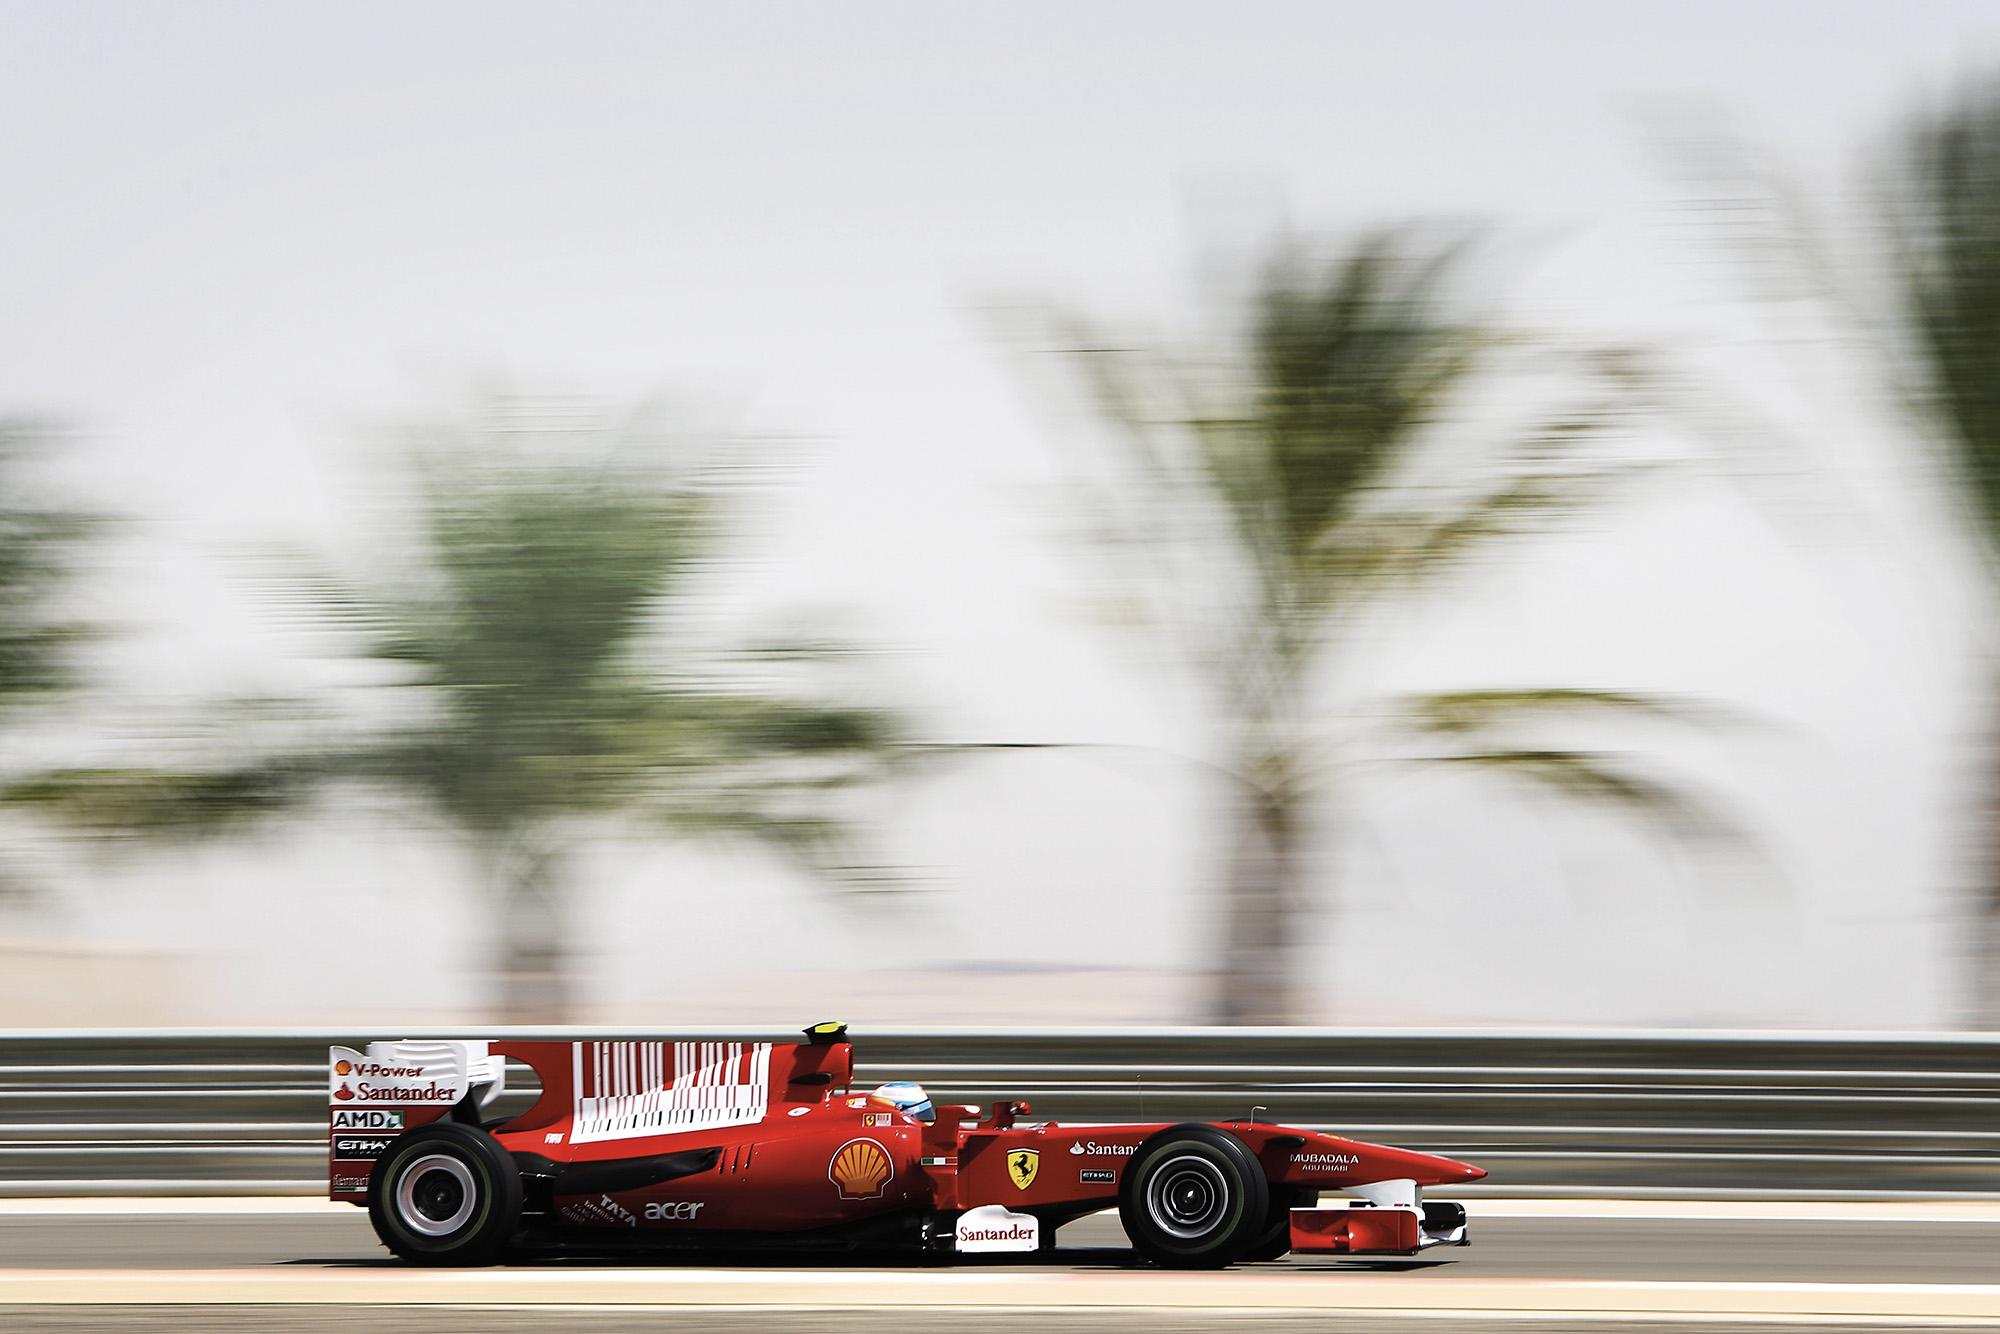 Fernando Alonso in a Ferrari